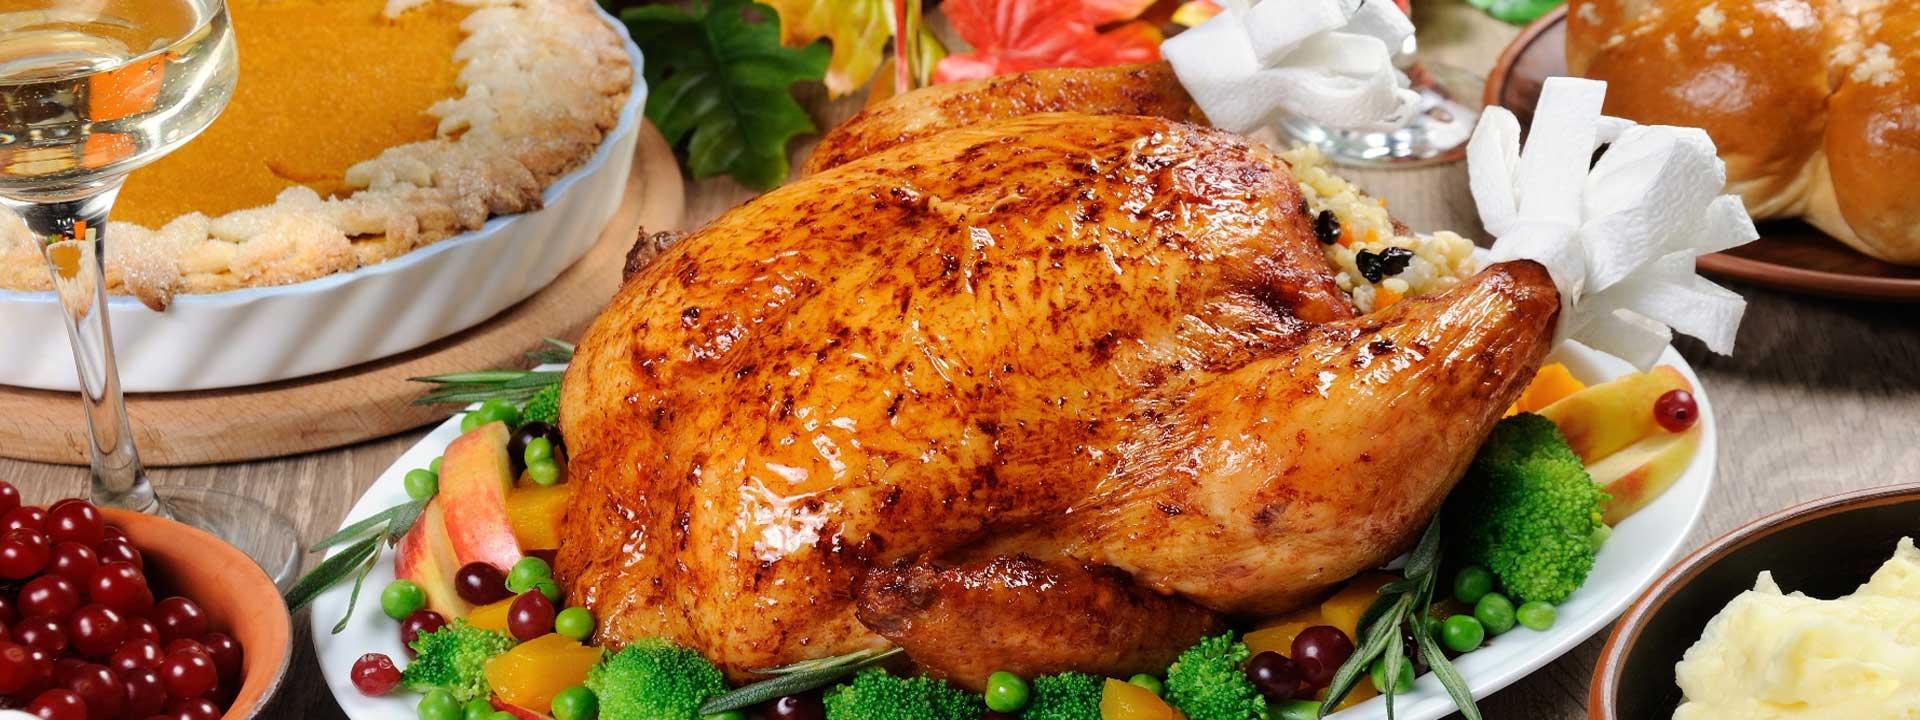 Myrtle Beach Thanksgiving | Thanksgiving In North Myrtle Beach (2020)